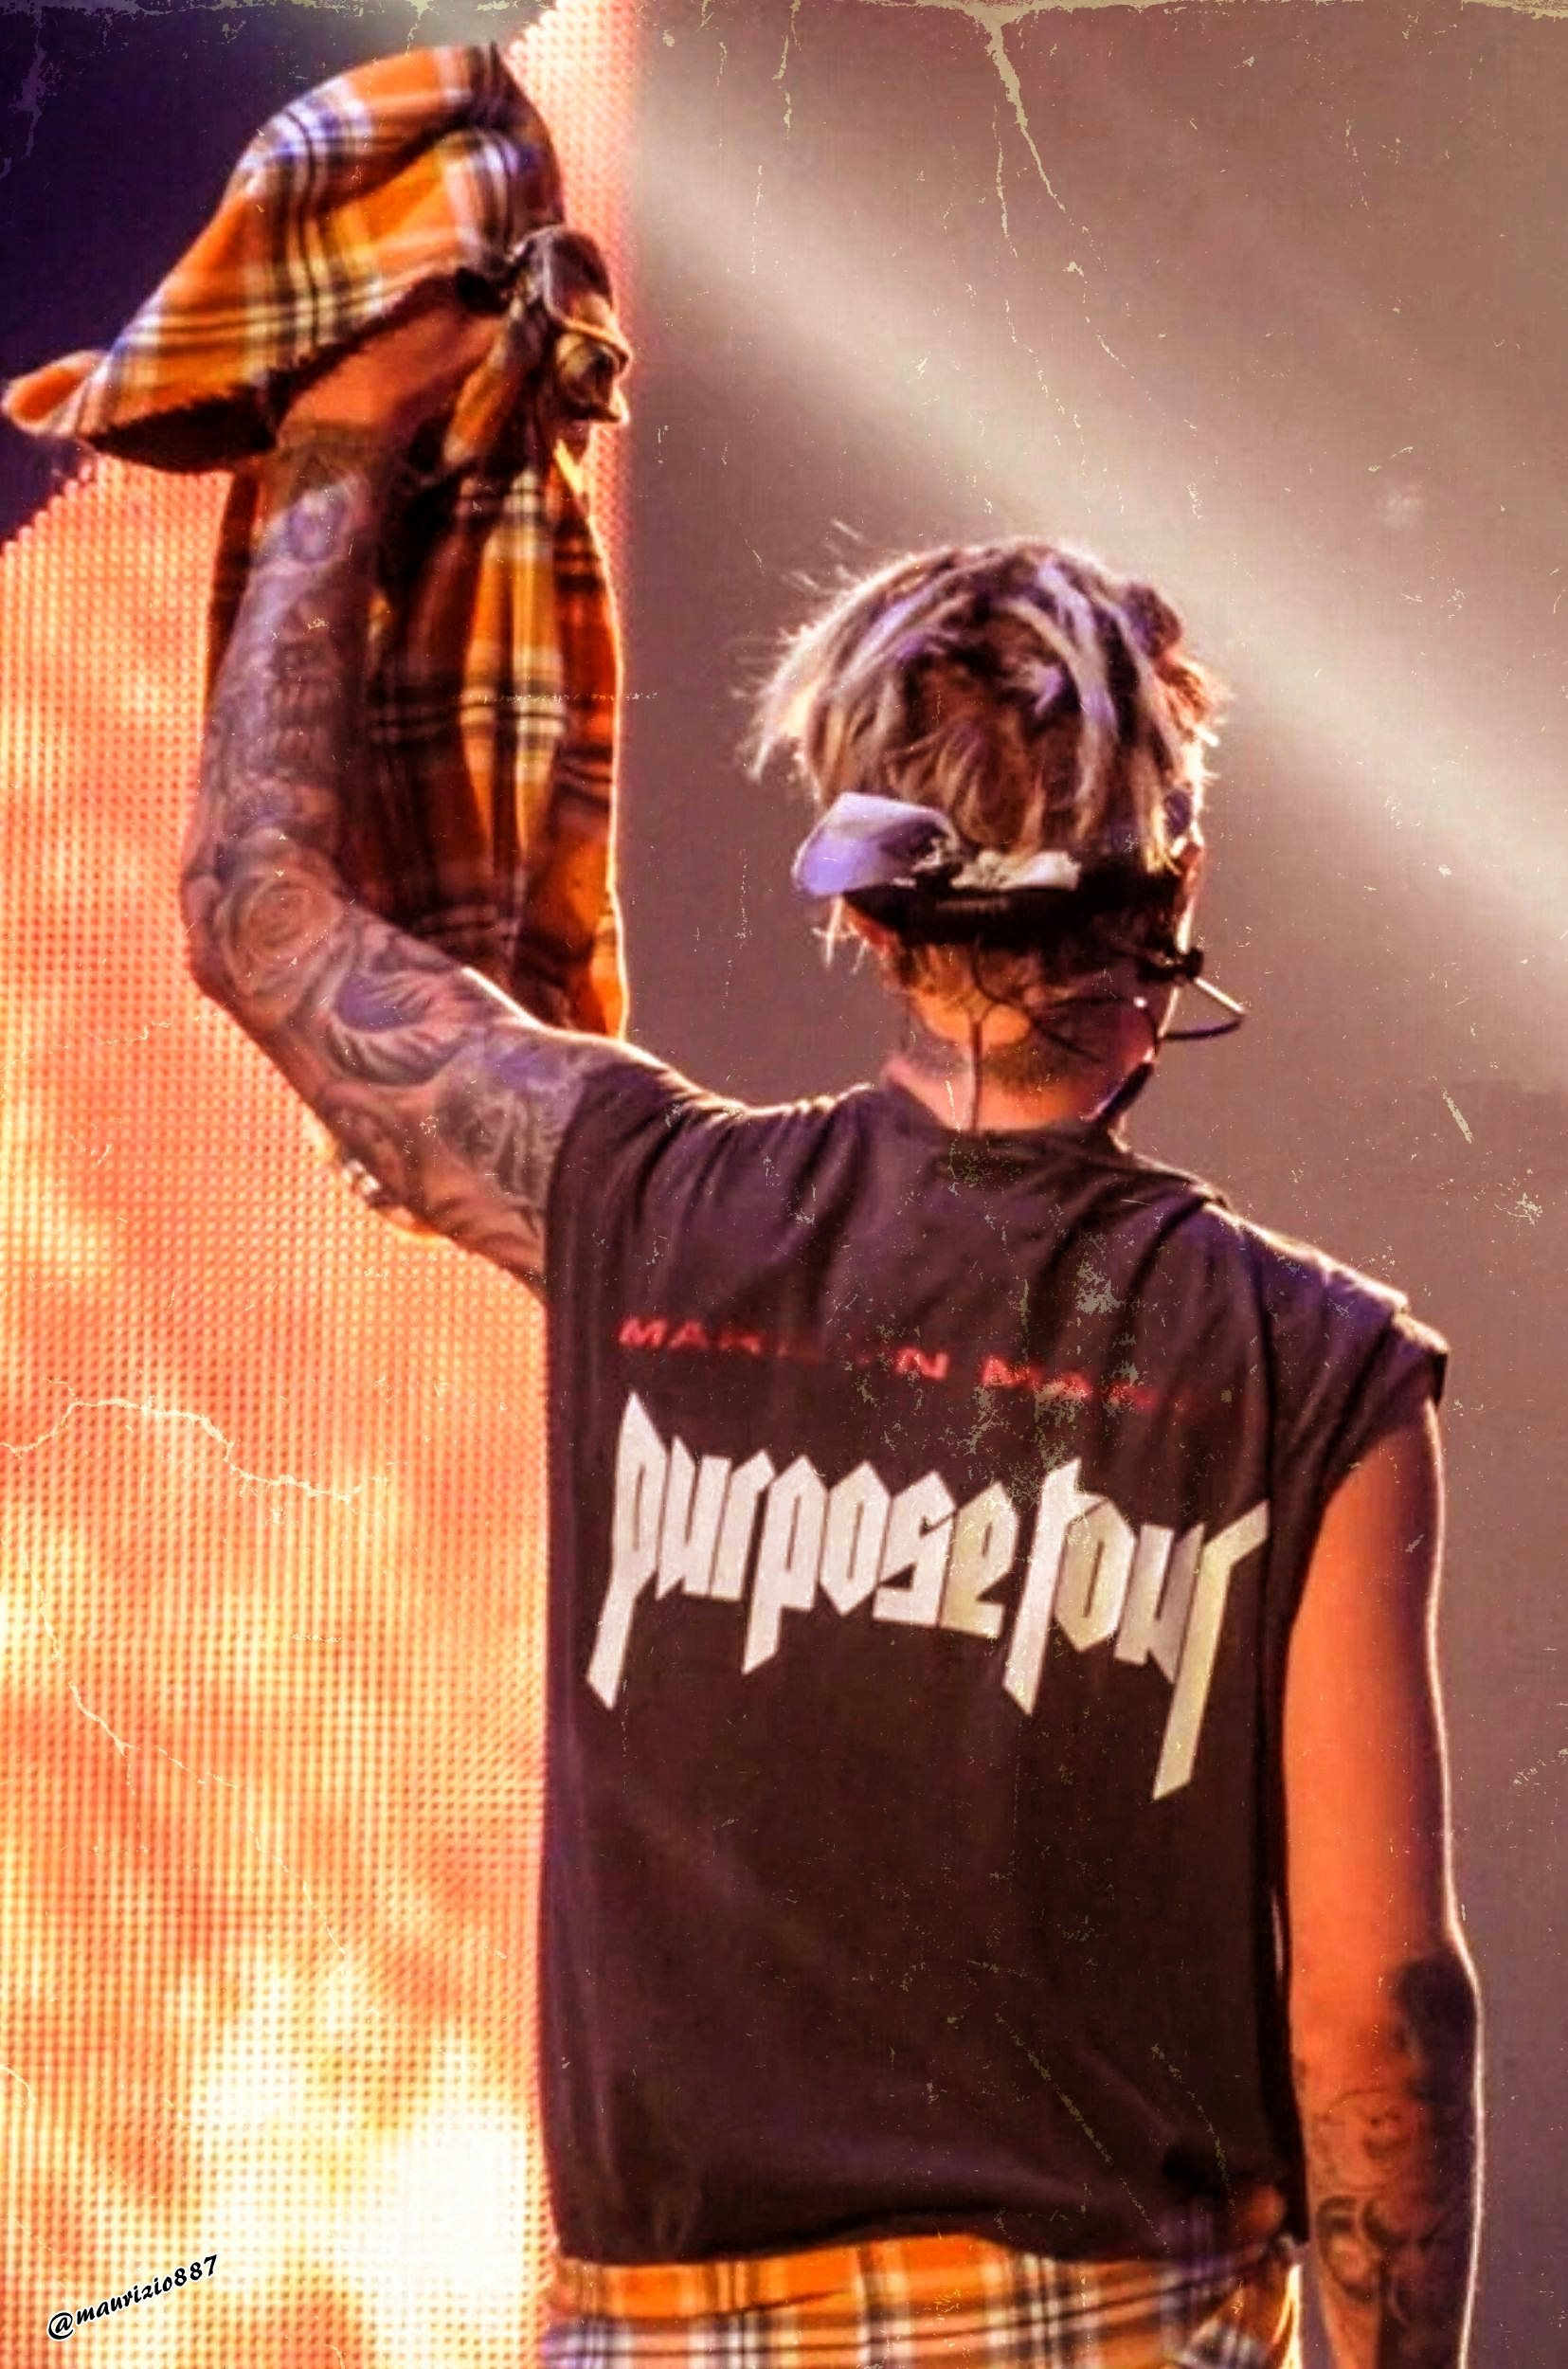 Justin Bieber Images Justin Bieber Purpose Tour Atlanta 2016 Hd